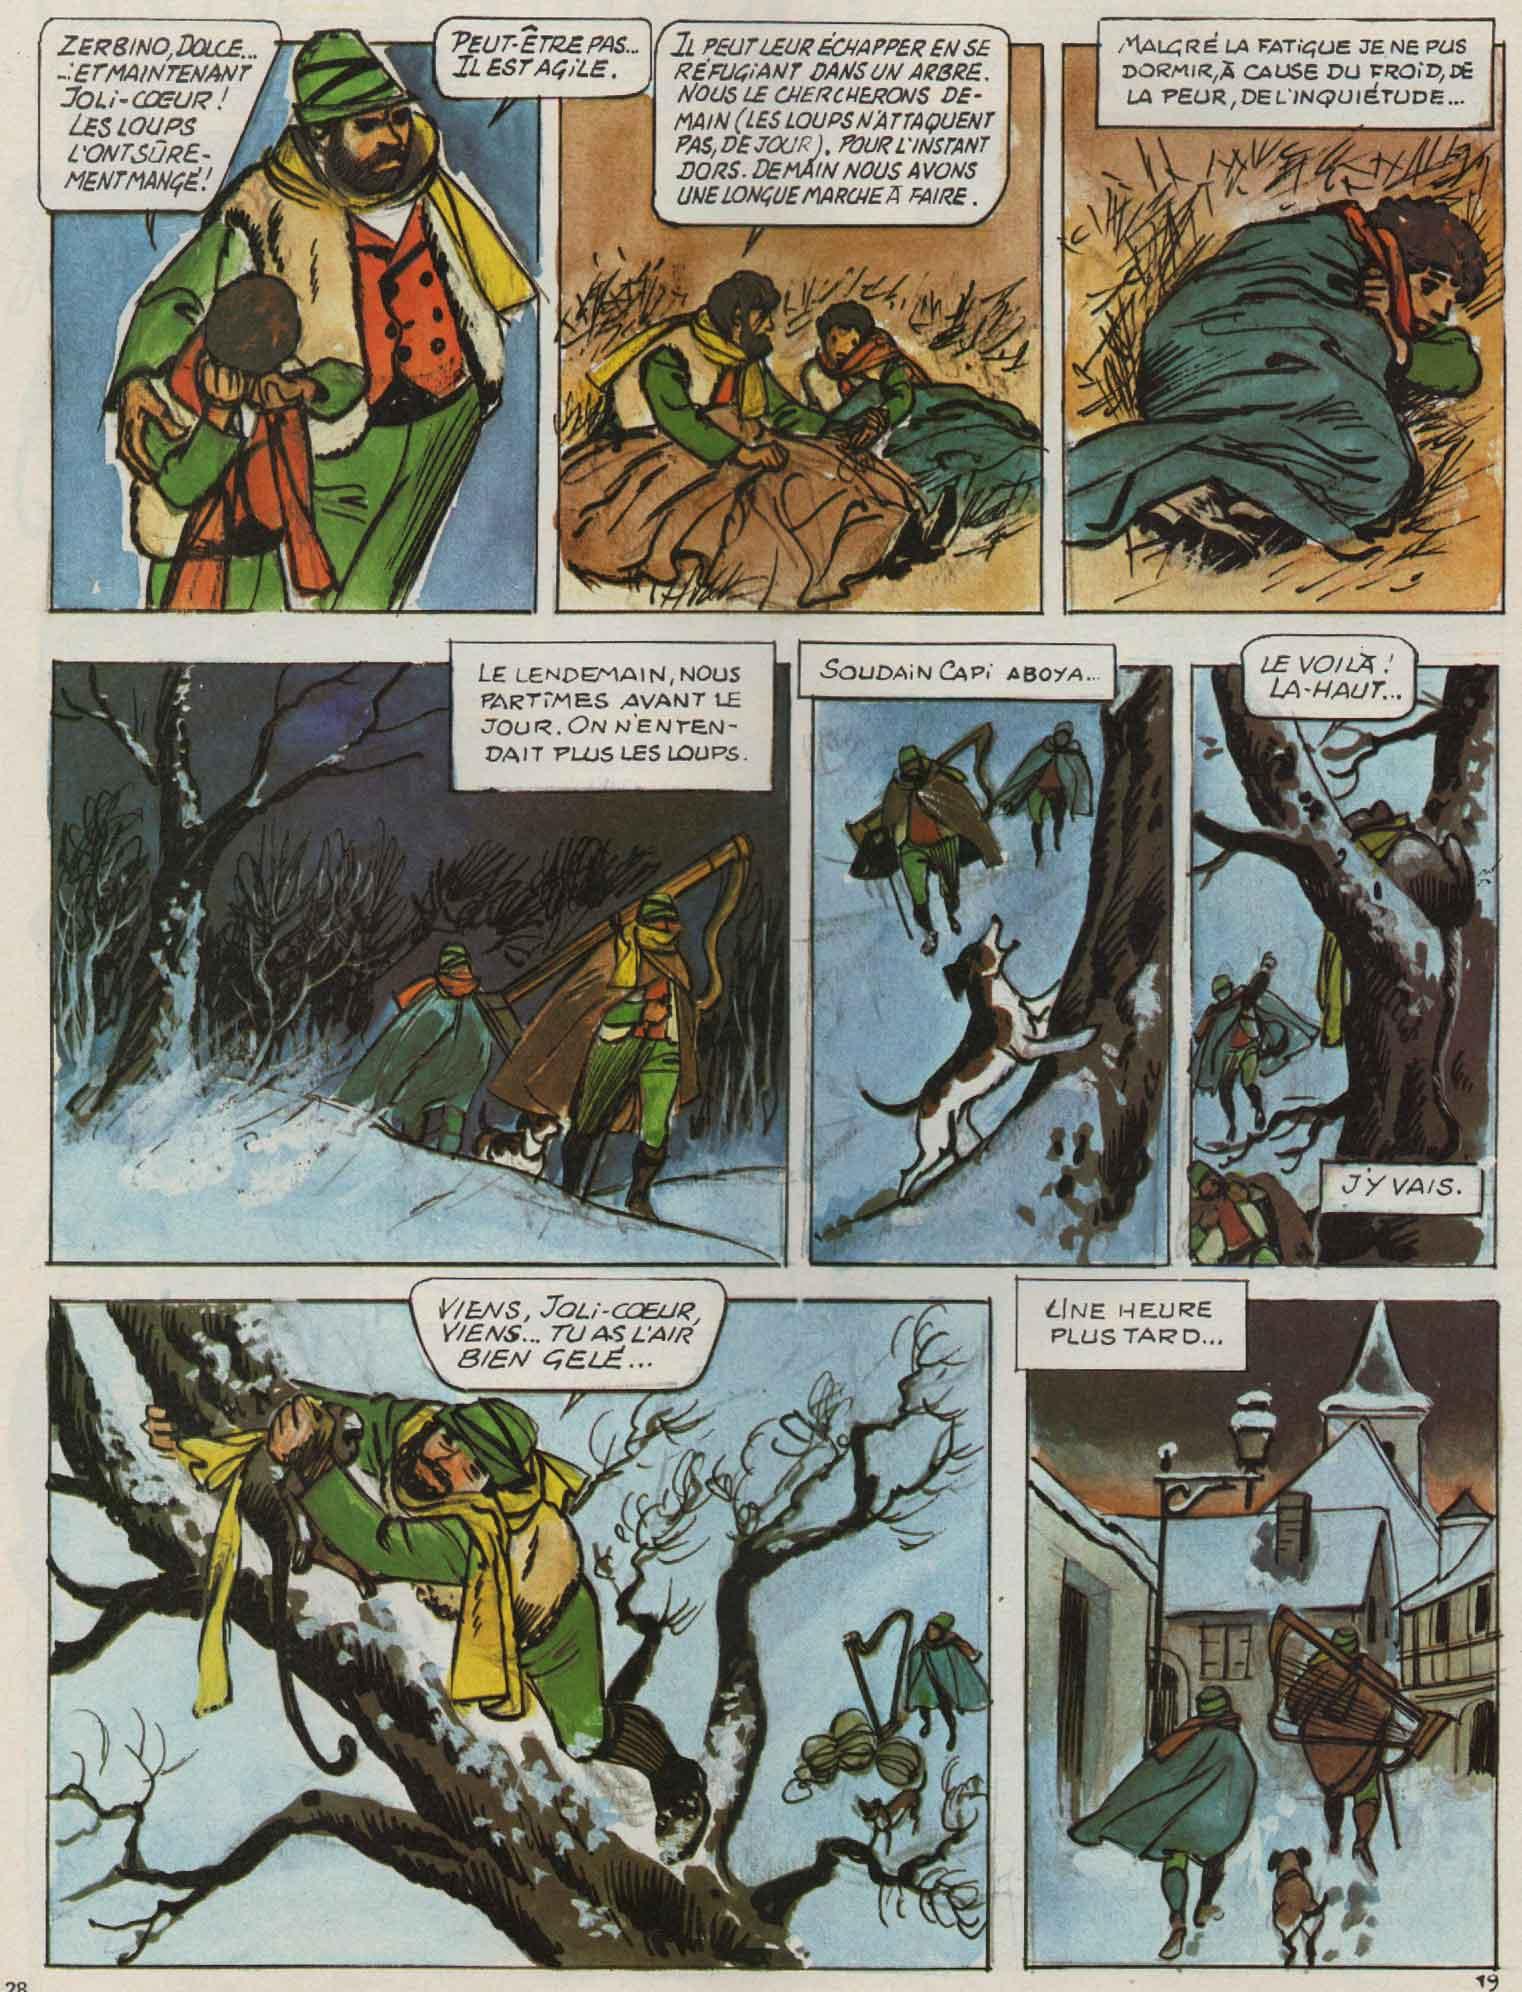 « Sans famille » Djin n° 20 (23/05/1978).